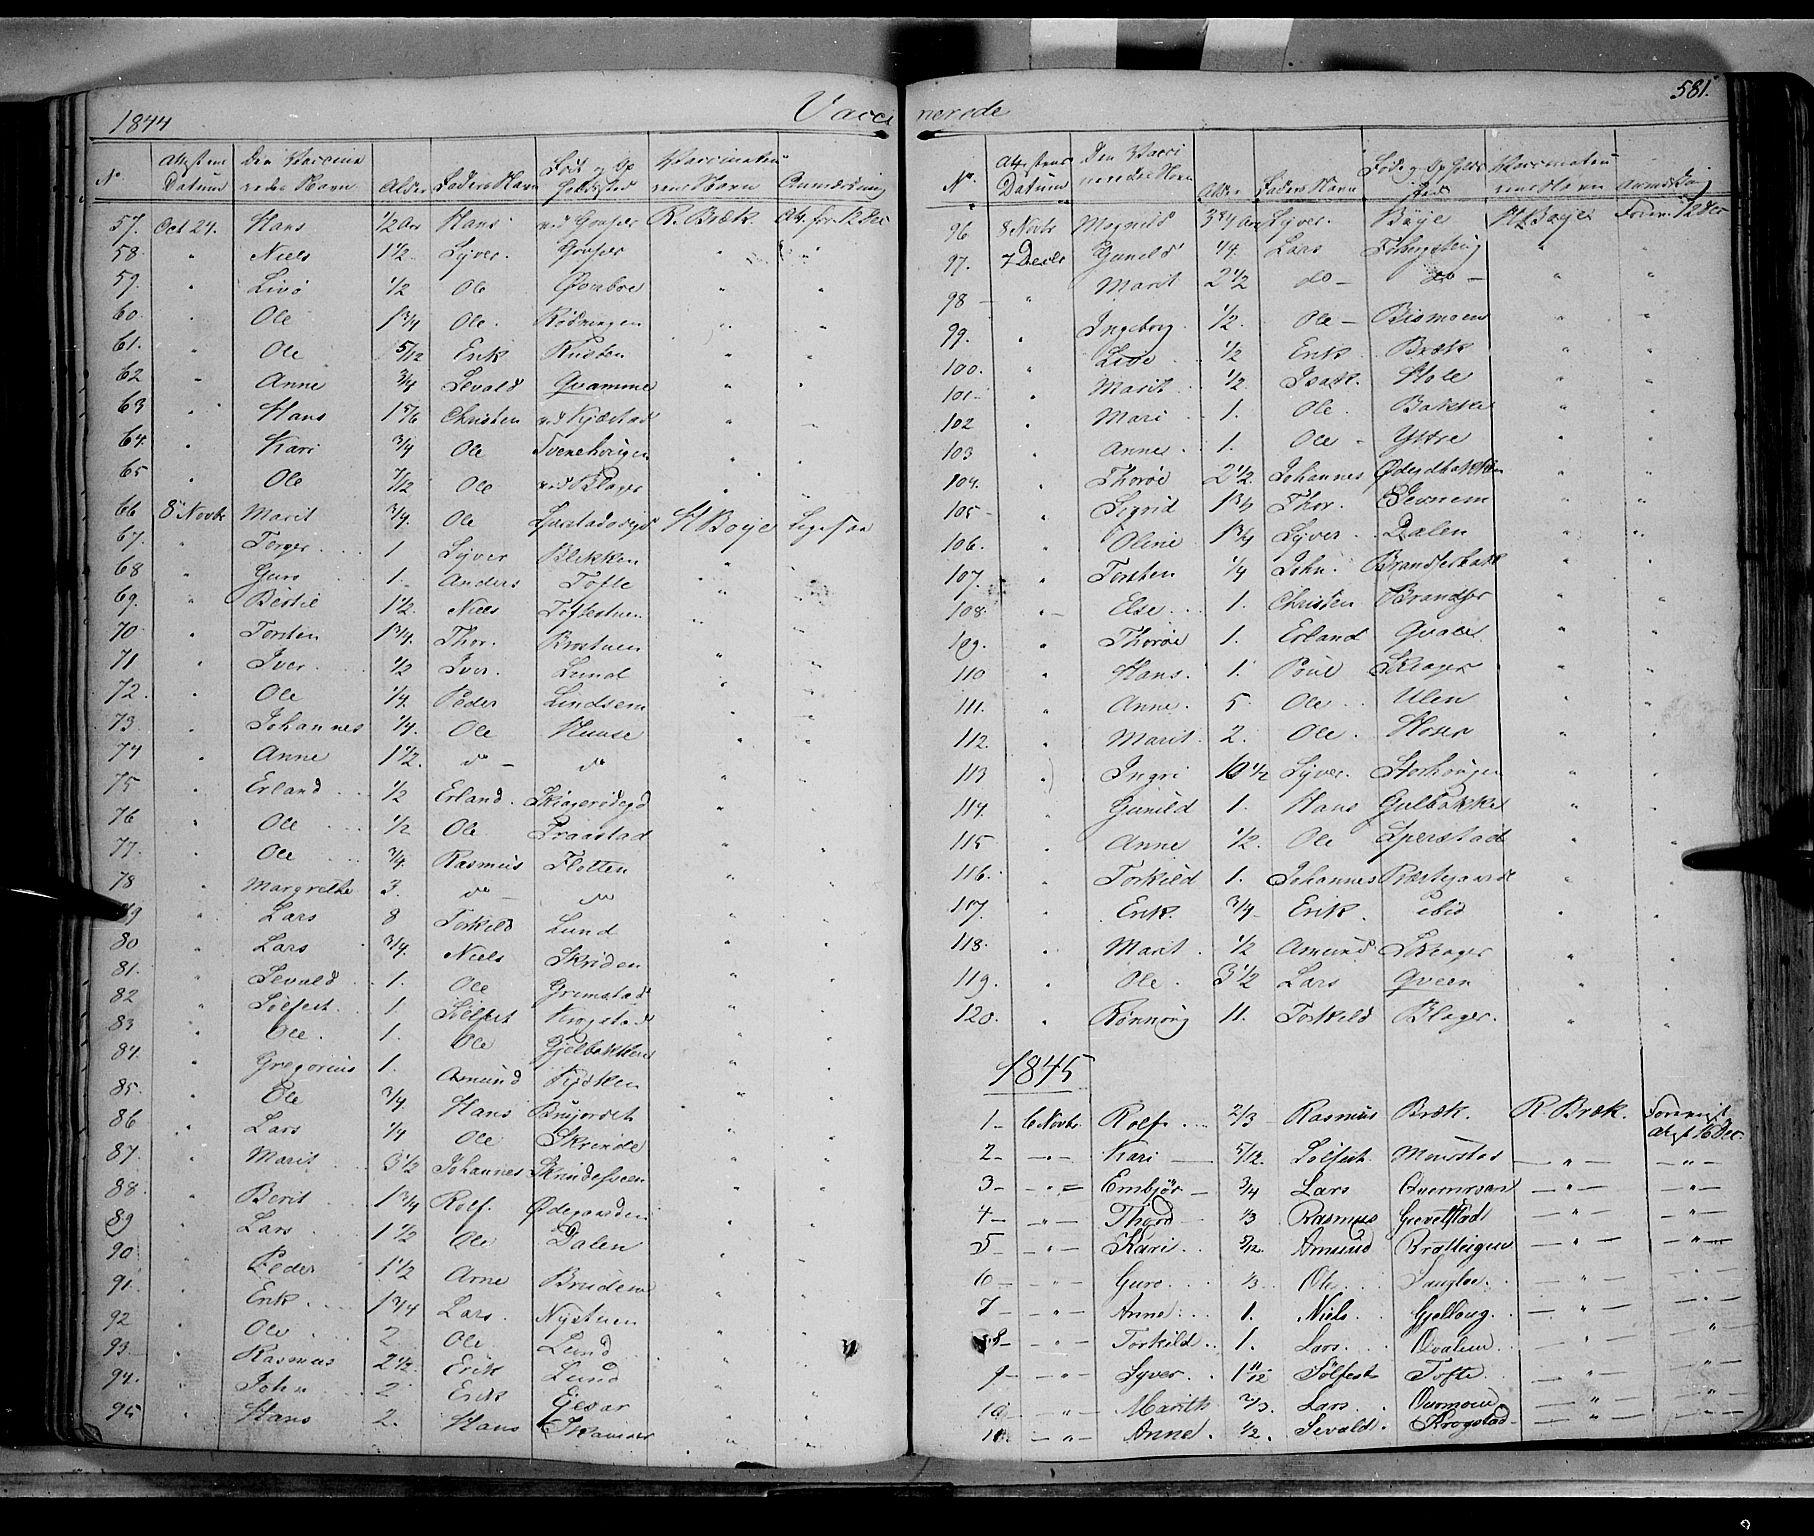 SAH, Lom prestekontor, K/L0006: Ministerialbok nr. 6B, 1837-1863, s. 581